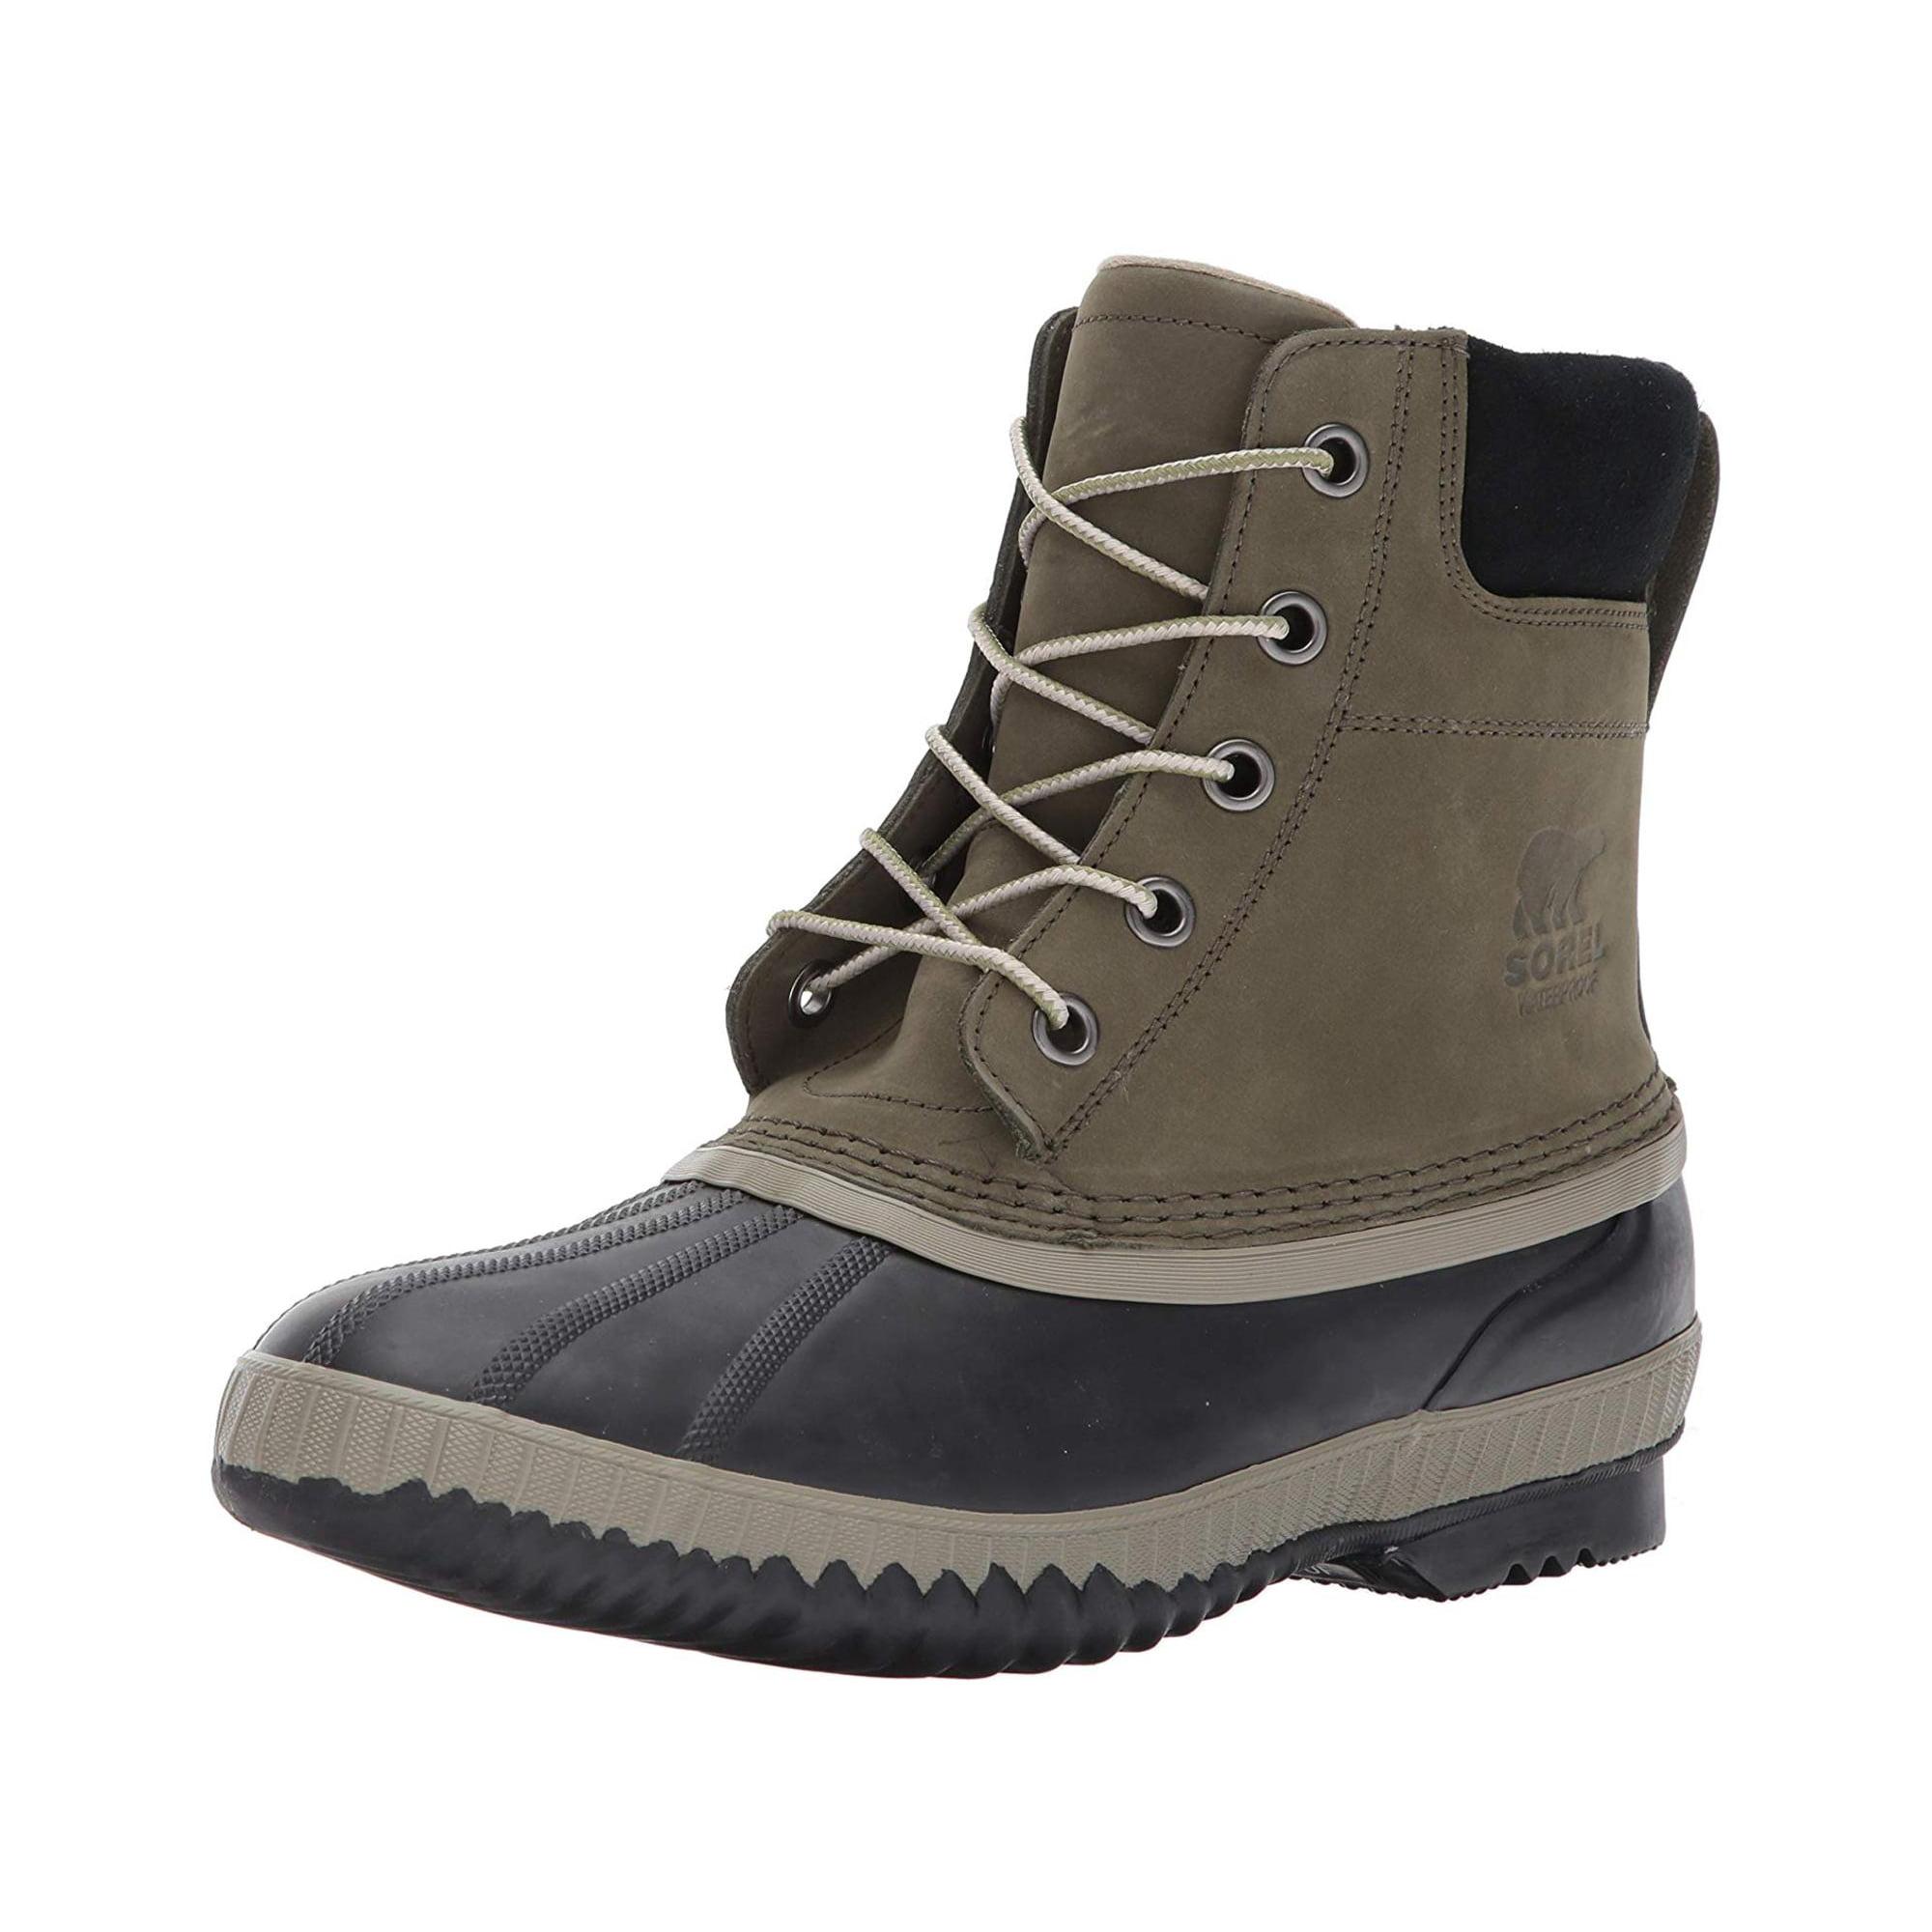 6eadf9d36df Sorel Men's Cheyanne Ii Snow Boot Nori Black | Walmart Canada